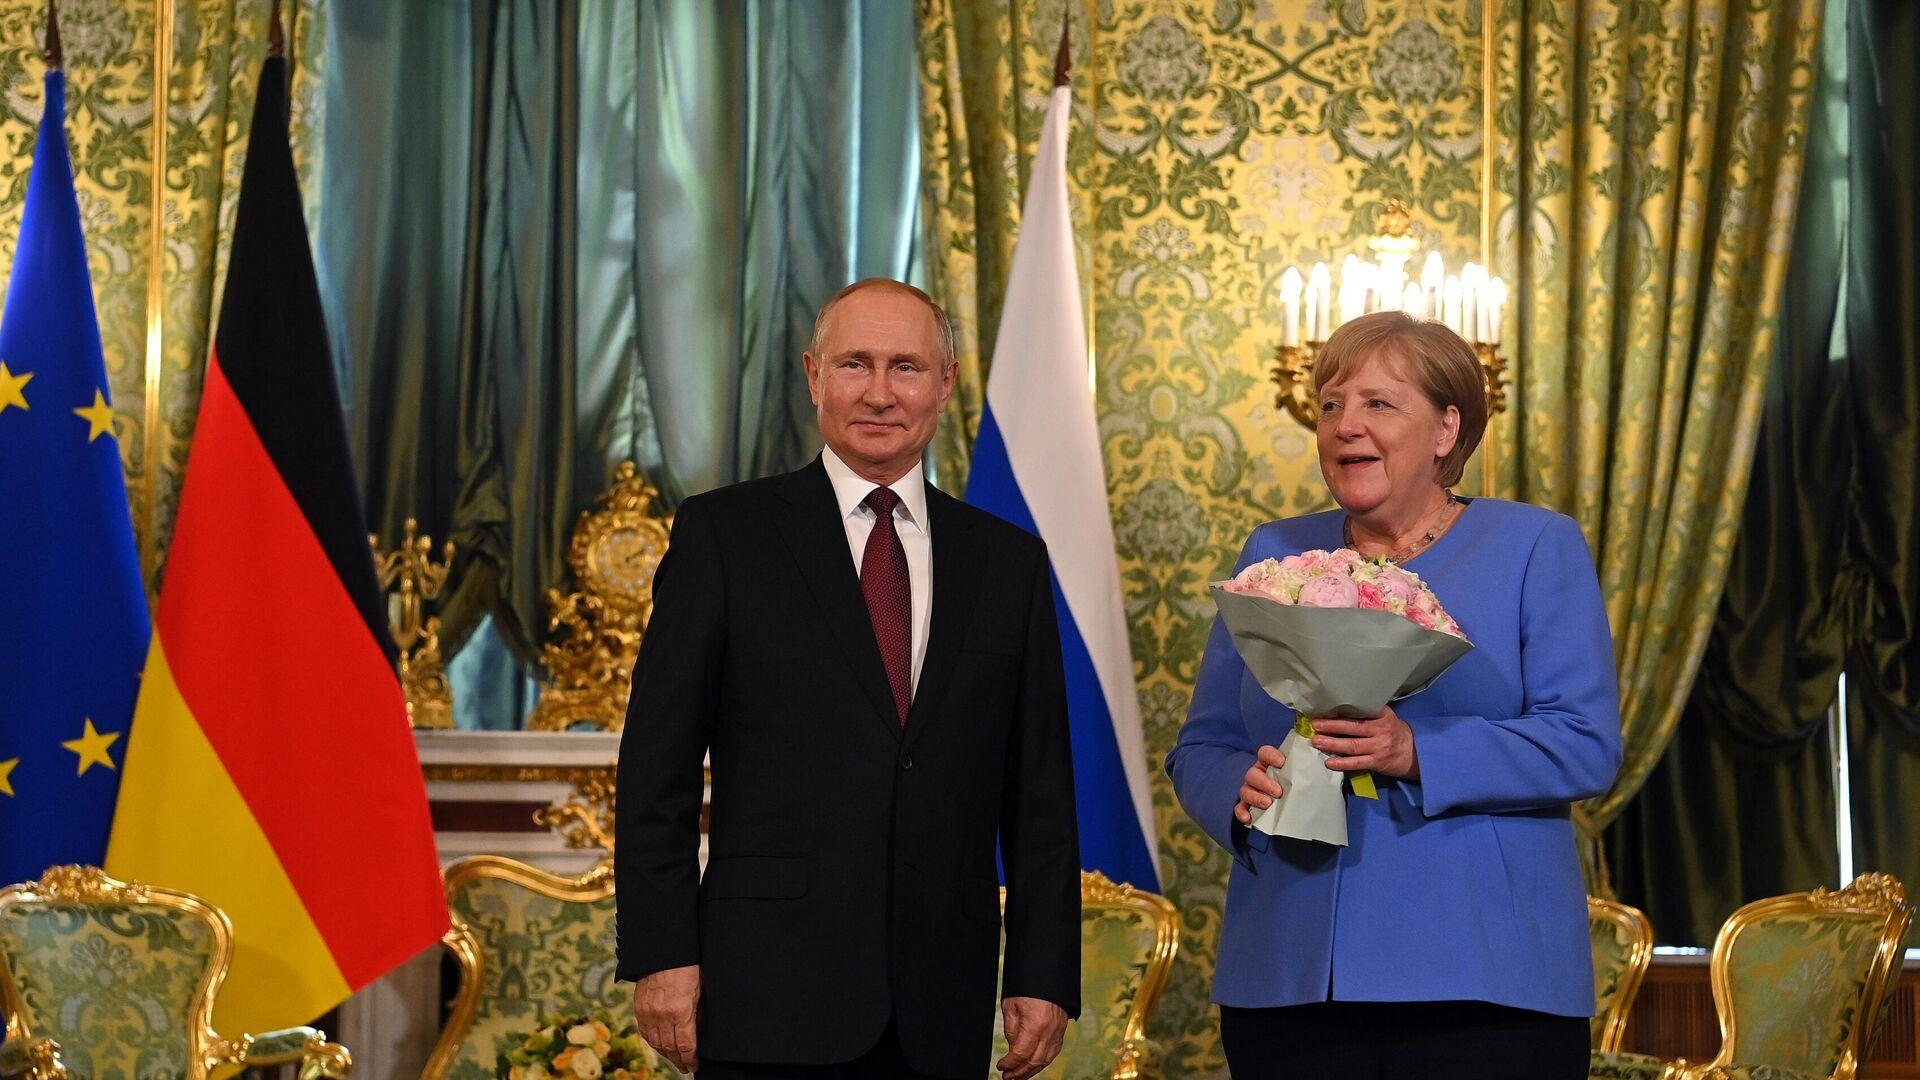 Putin regala un mazzo di fiori alla Merkel prima dei colloqui al Cremlino - Sputnik Italia, 1920, 10.09.2021